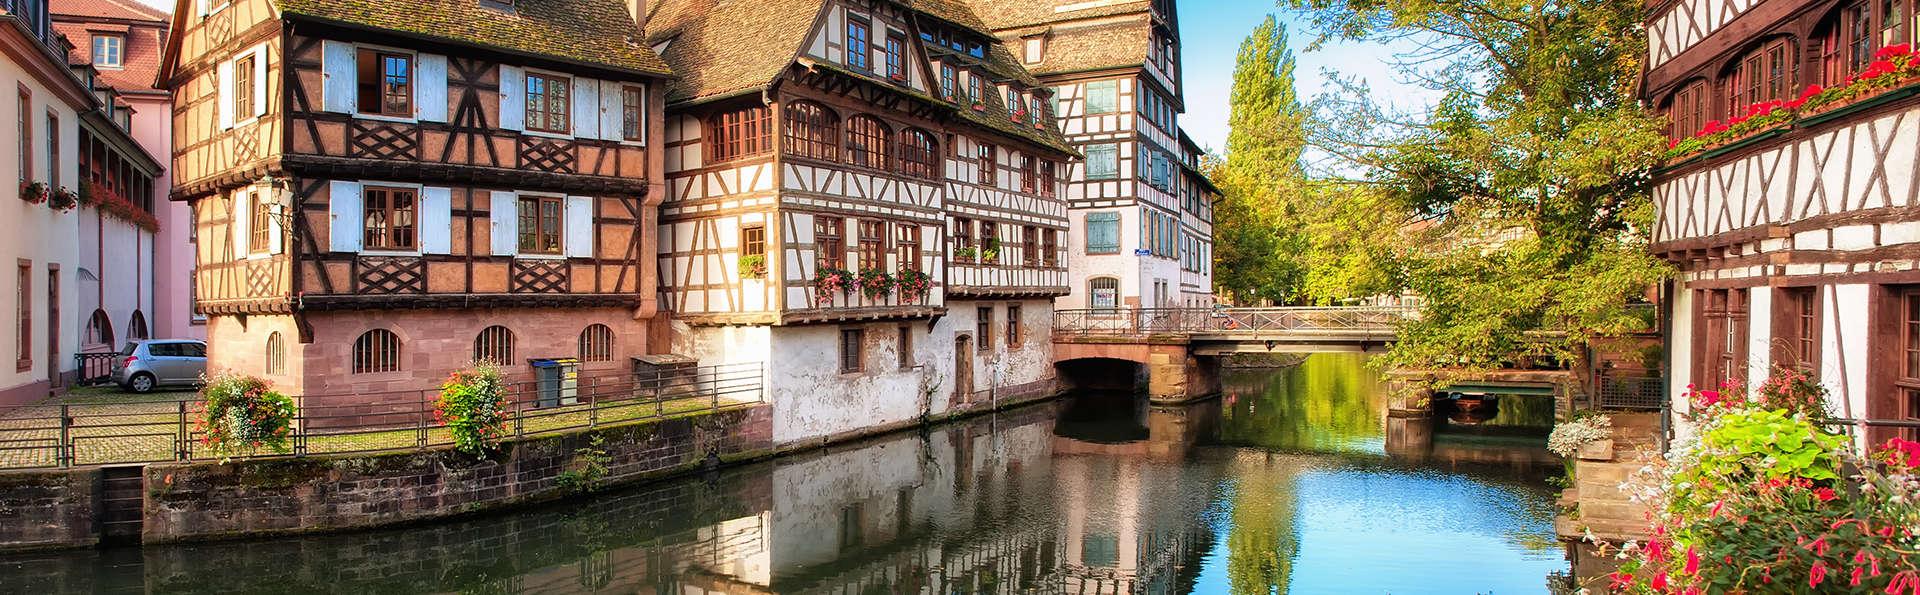 Hostellerie Belle Vue  - Edit_Strasbourg2.jpg